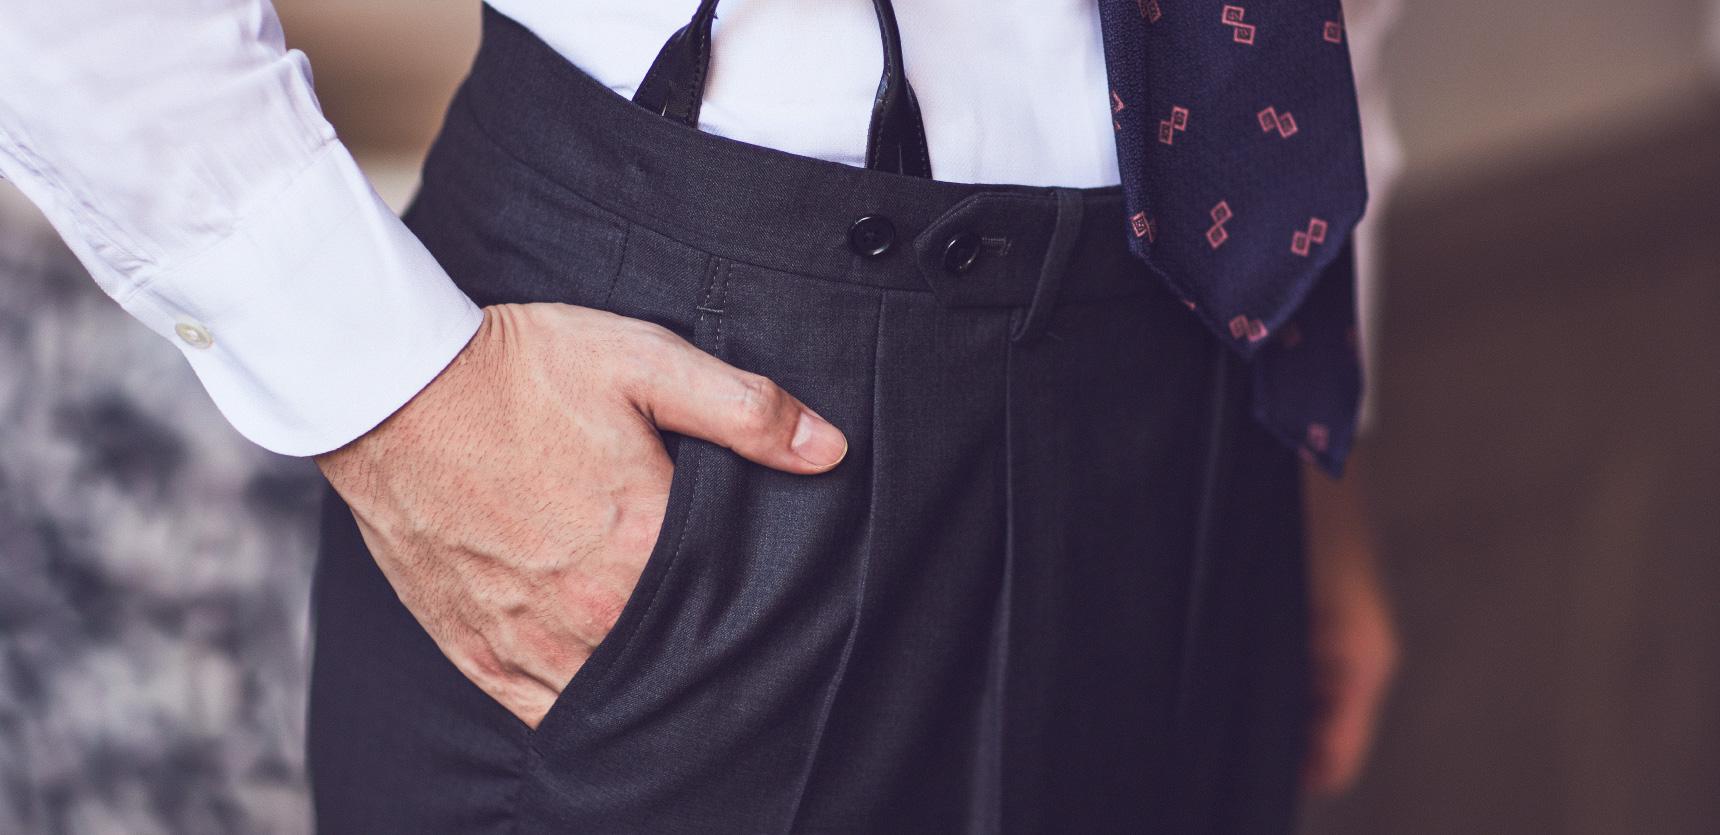 クラシックなスーツやアイテムをお探しの方、イタリアの生地でスーツをオーダーしたい男性はTHE G'S HIDEOUT.(ザ・ジーズ・ハイドアウト)にお越しください。